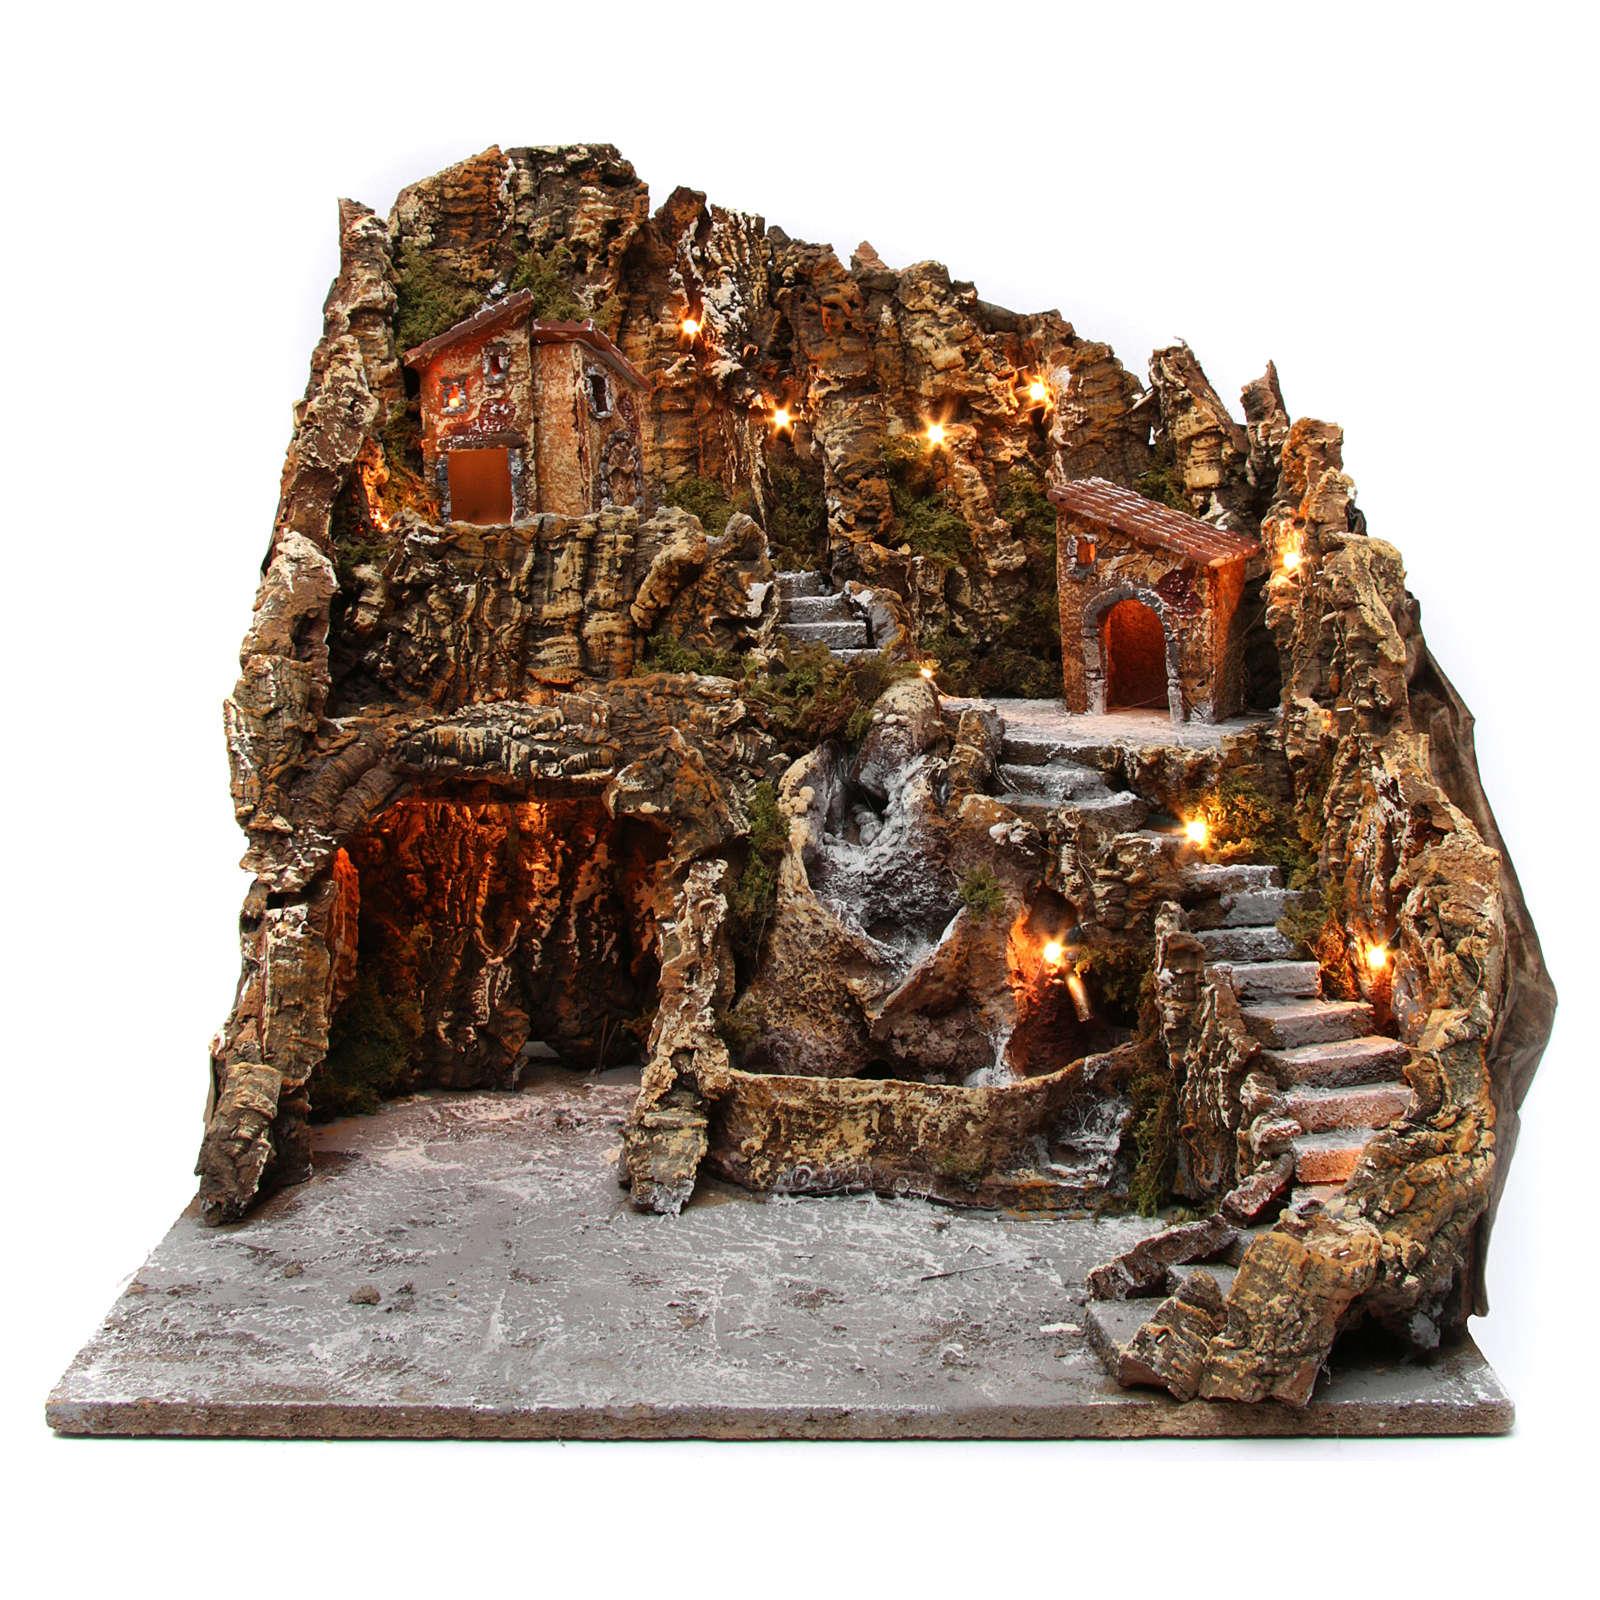 Borgo presepe illuminato con grotta Natività ruscello casette 45X50X60 cm presepe napoletano 4